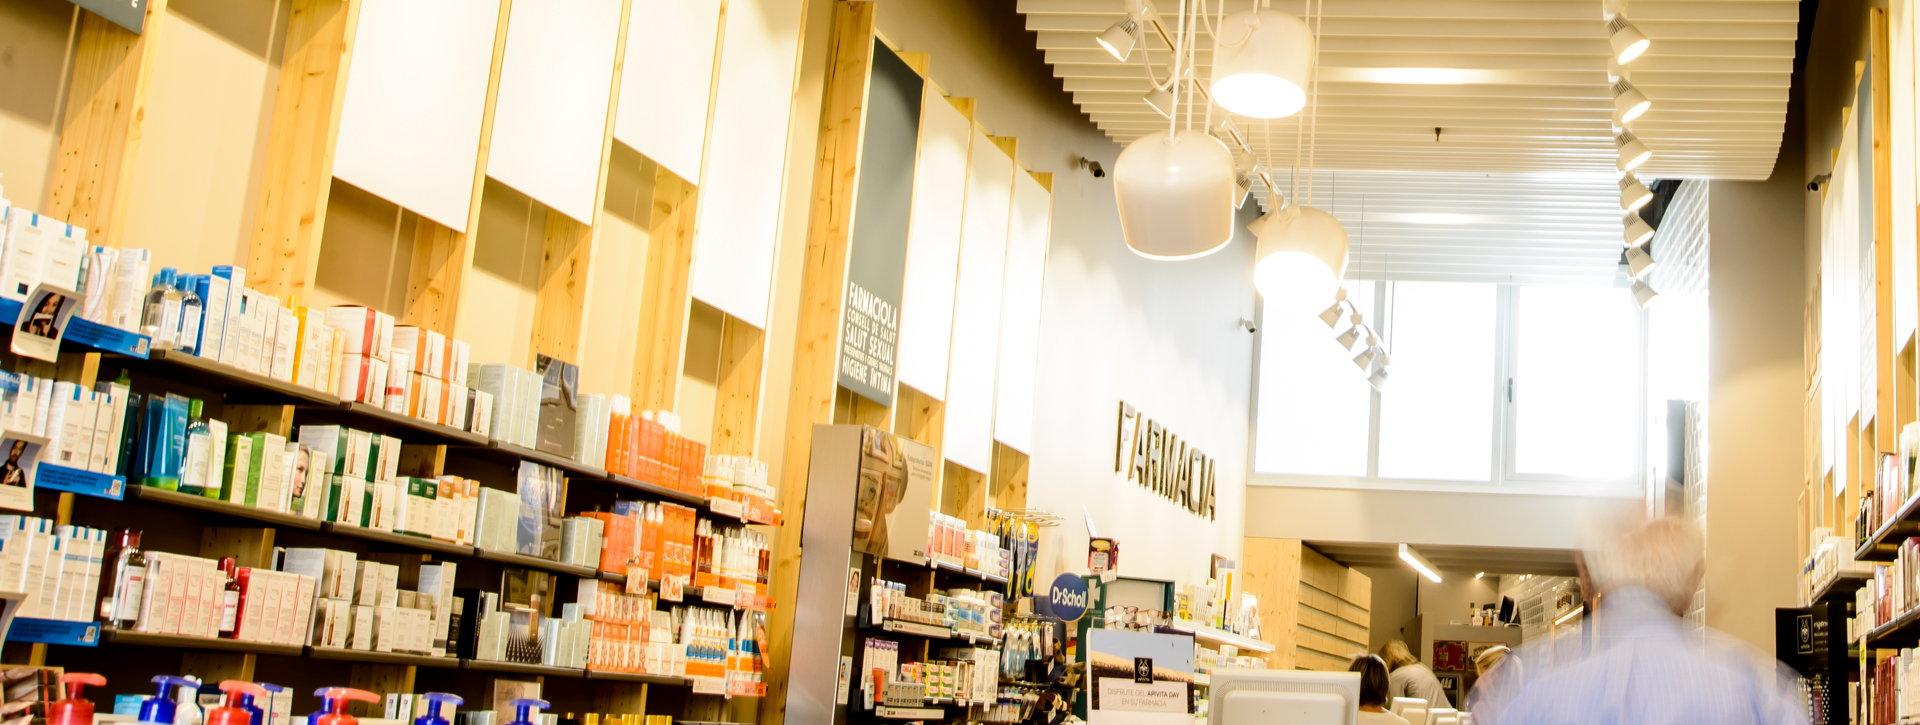 farmacia garriga sabadell altayo (2)